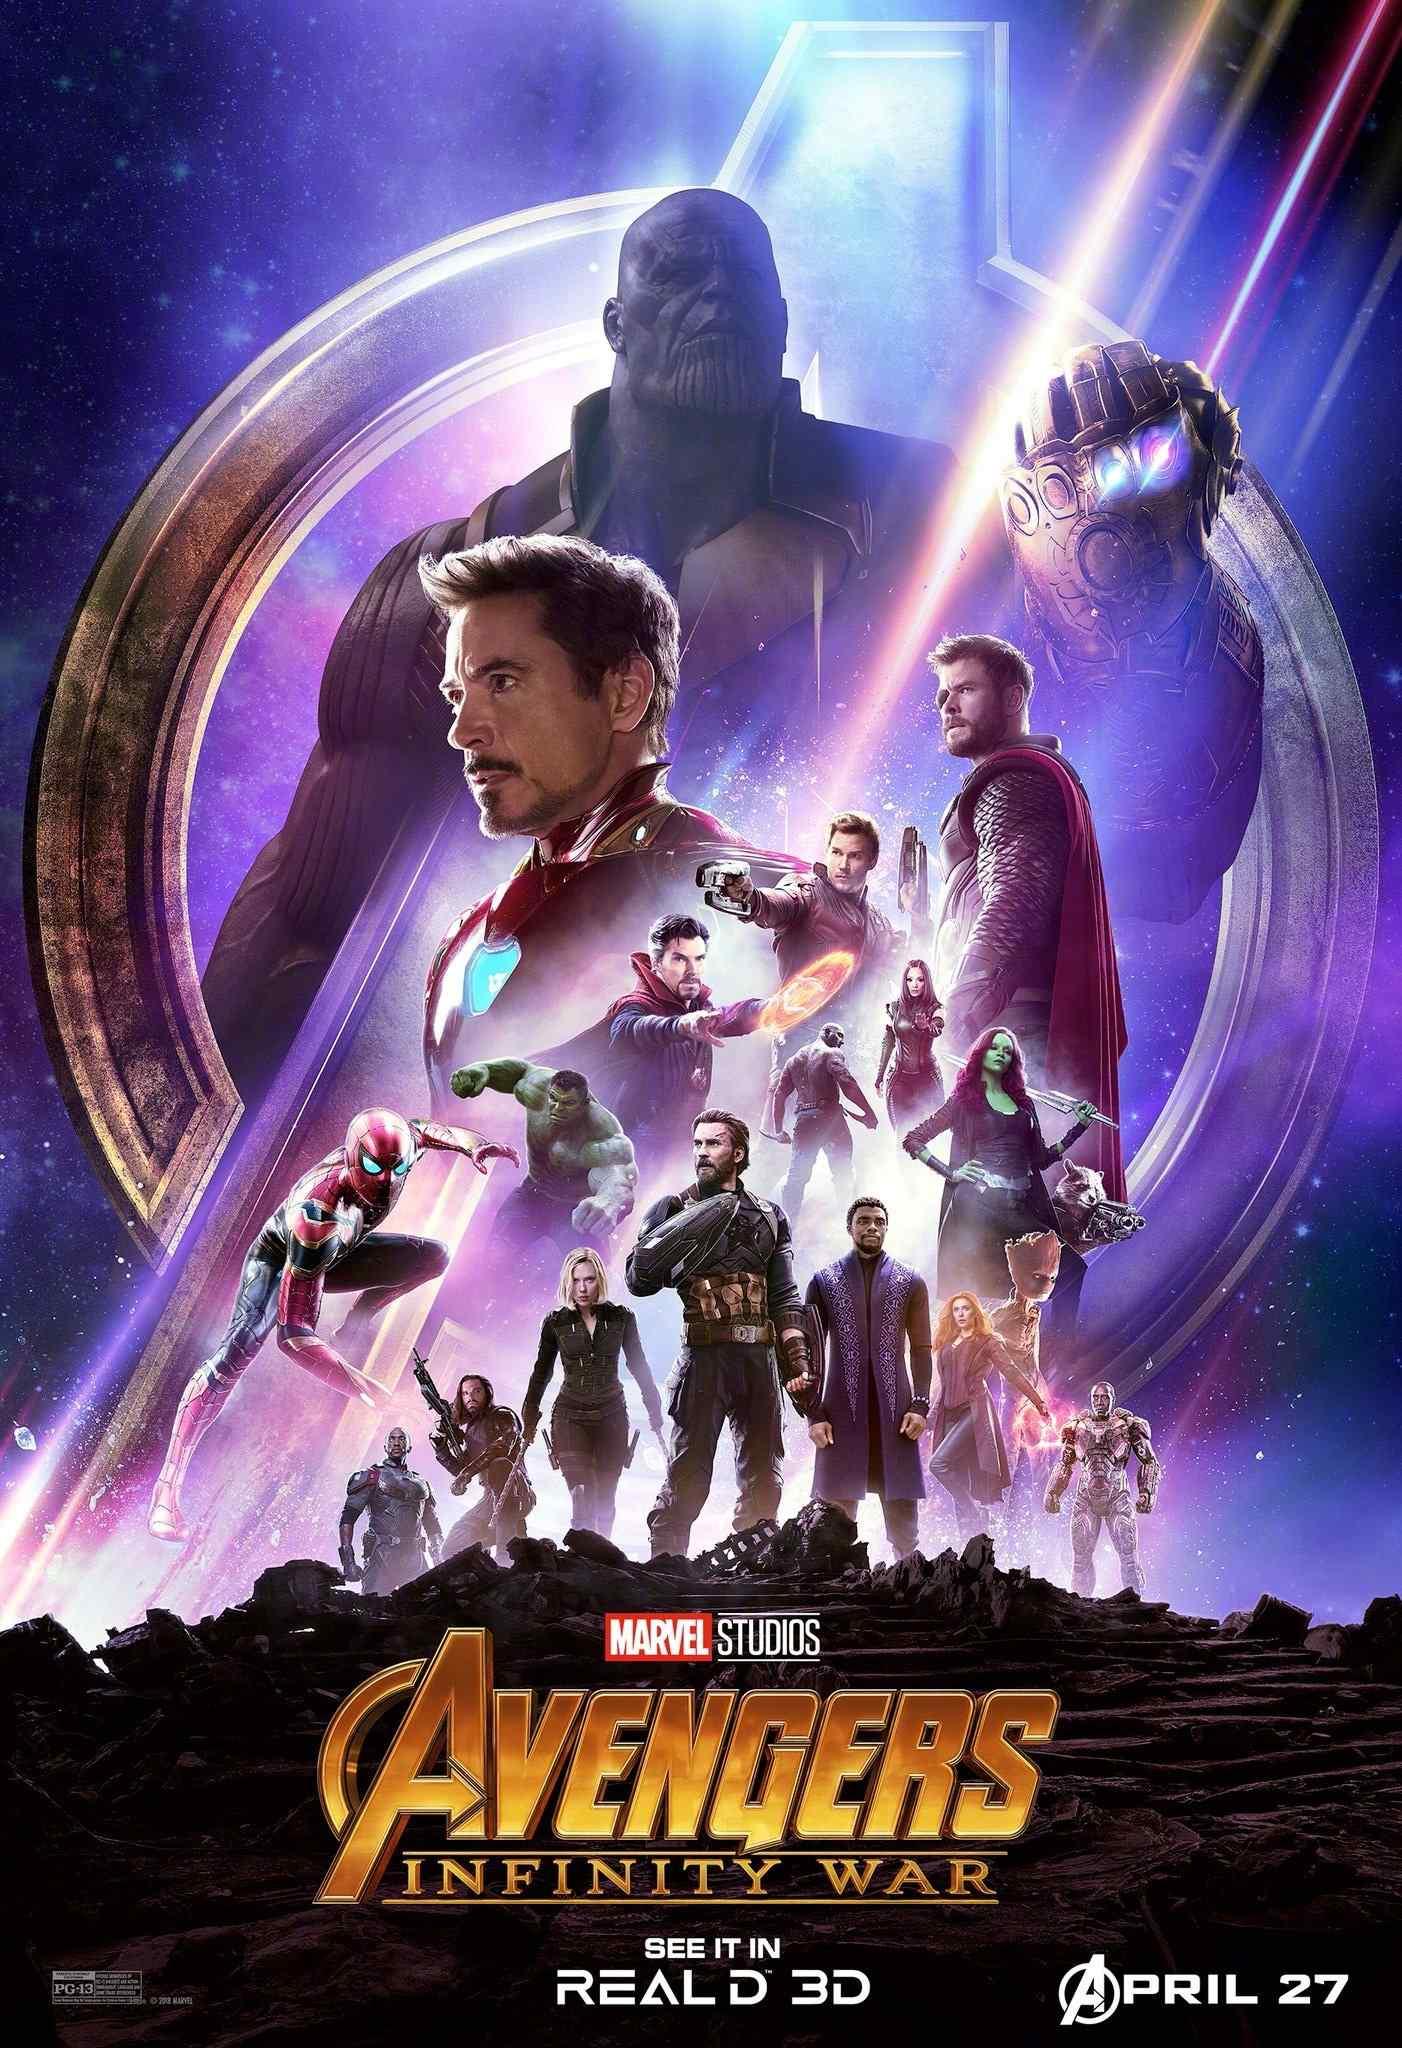 《复仇者联盟3:无限战争》钢铁侠灭霸对抗版高清海报图片